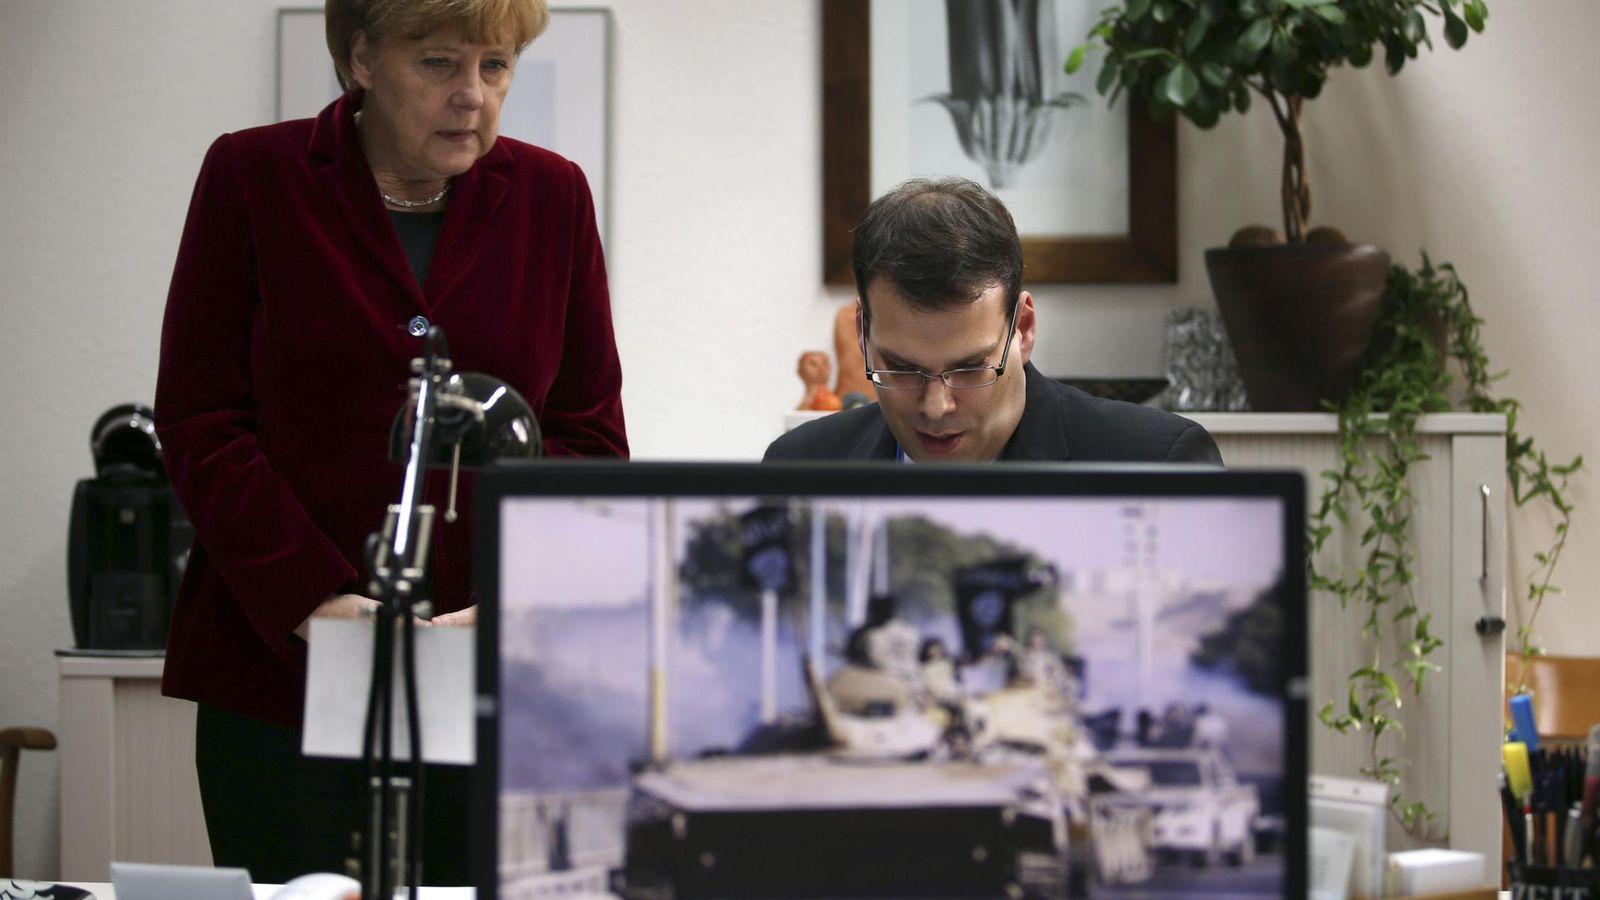 Foto: La canciller Merkel observa el trabajo de un agente del BfV, los servicios secretos internos alemanes, en su cuartel general en Colonia, en octubre de 2014. (Reuters)